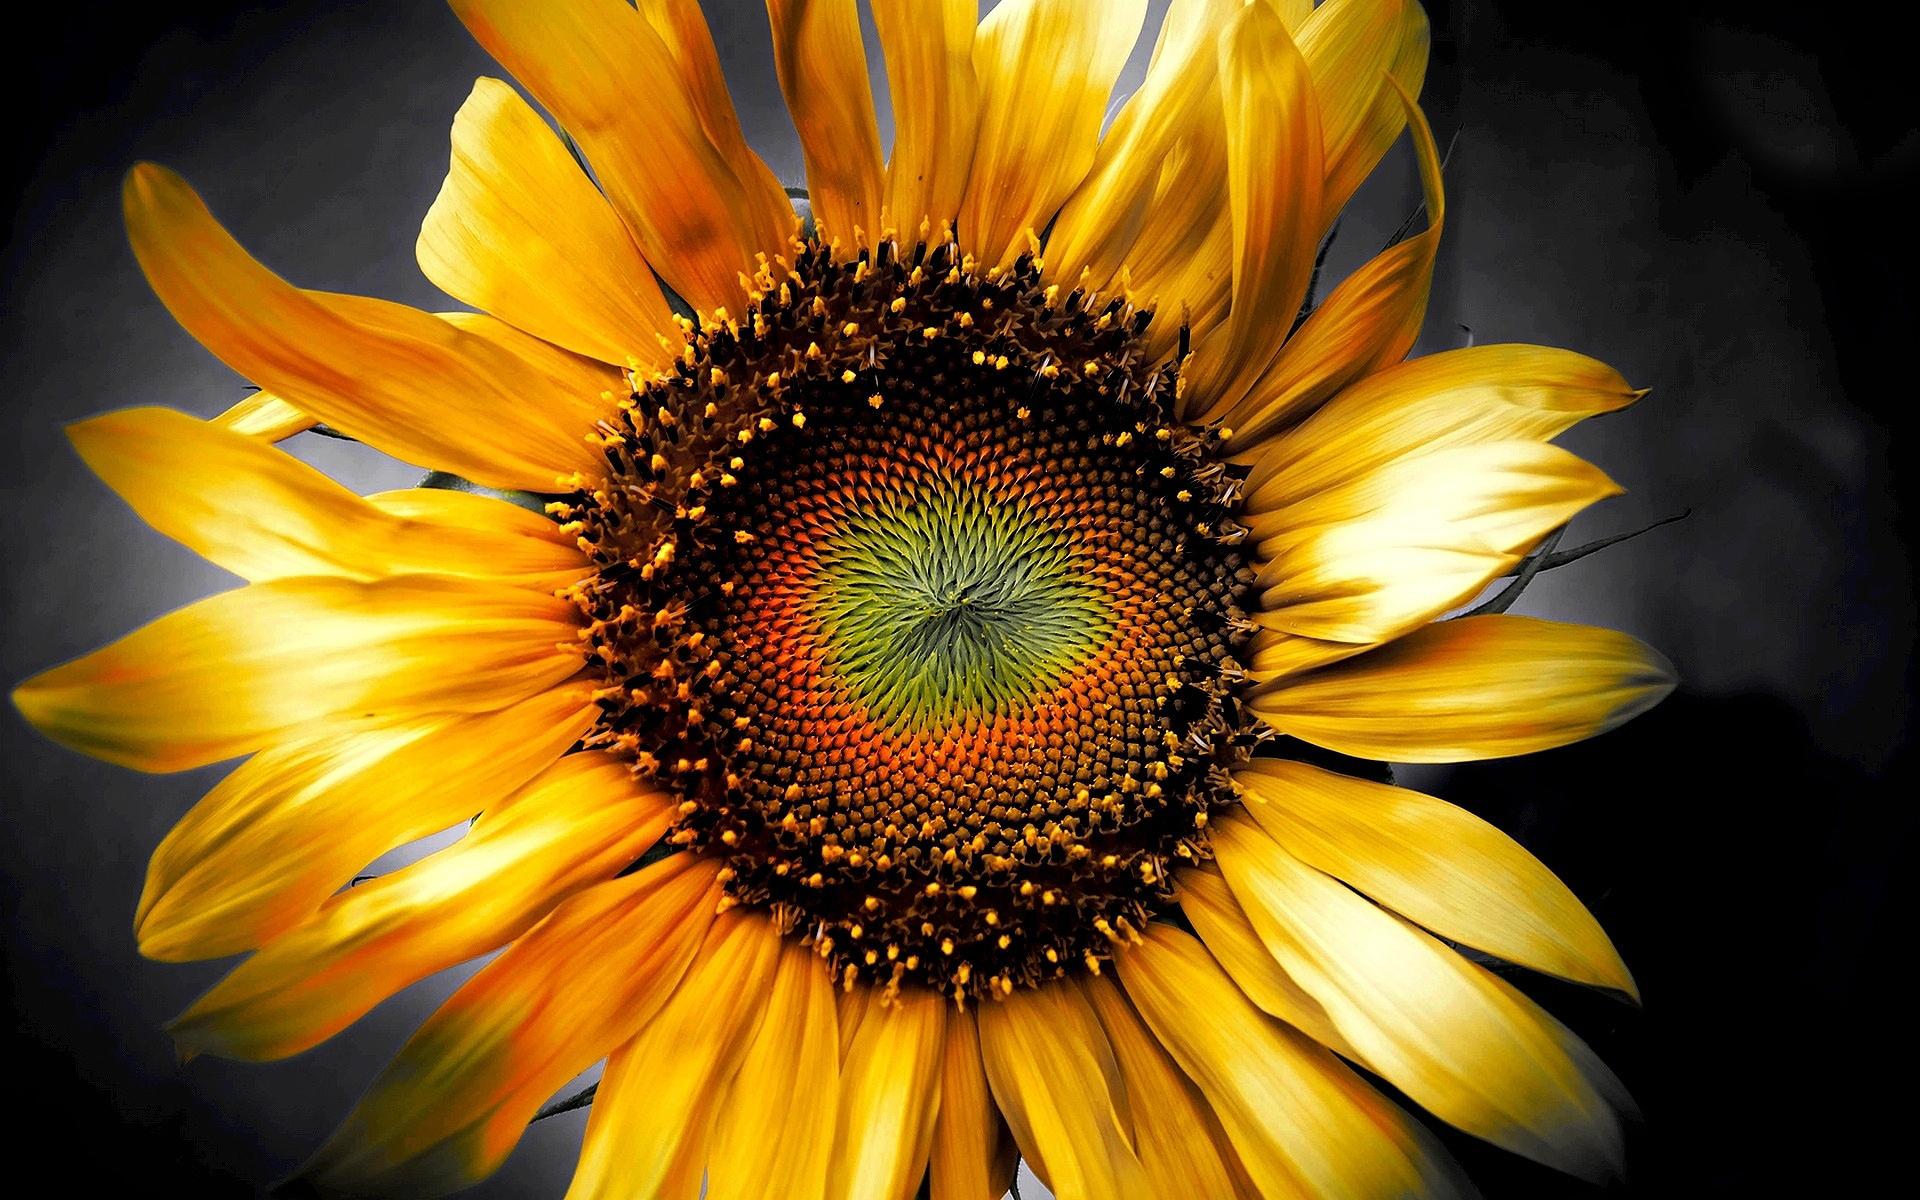 sunflower art 3d